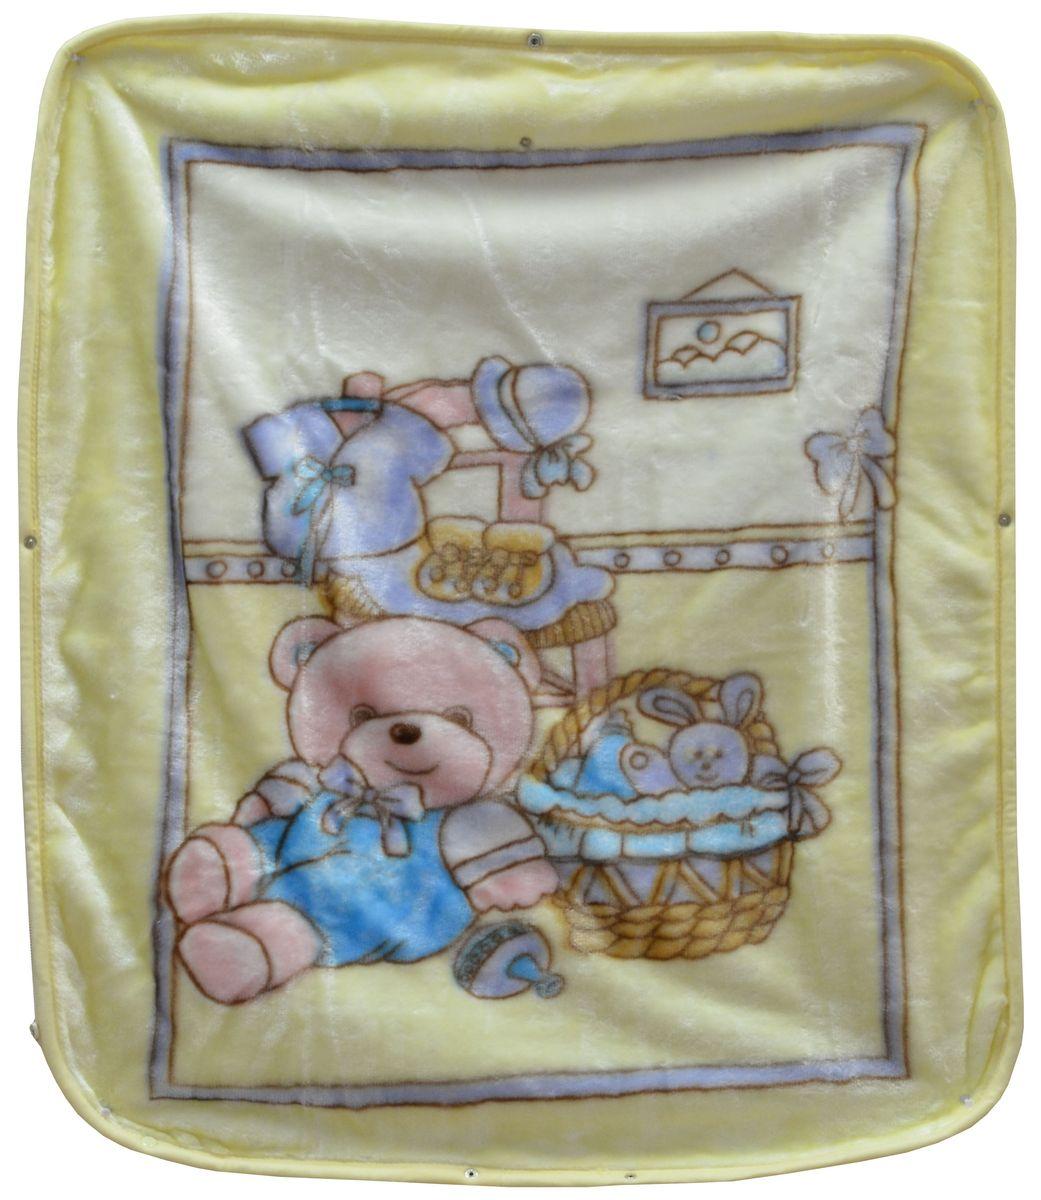 Bonne Fee Плед-накидка для младенцев на молнии 2, 80 х 90 см, цвет: желтый520312/1Плед-накидка для младенцев на молнии Bonne Fee - защита, тепло и комфорт для малышей - использован надёжный, качественный и мягкий материал! Удобство и спокойствие для родителей обеспечивается универсальностью пледа-накидки, конструкция которого позволяет ему легко превращаться в конвертик. Отличное качество и практичность! Любите своего ребёнка и дарите ему лучшее!